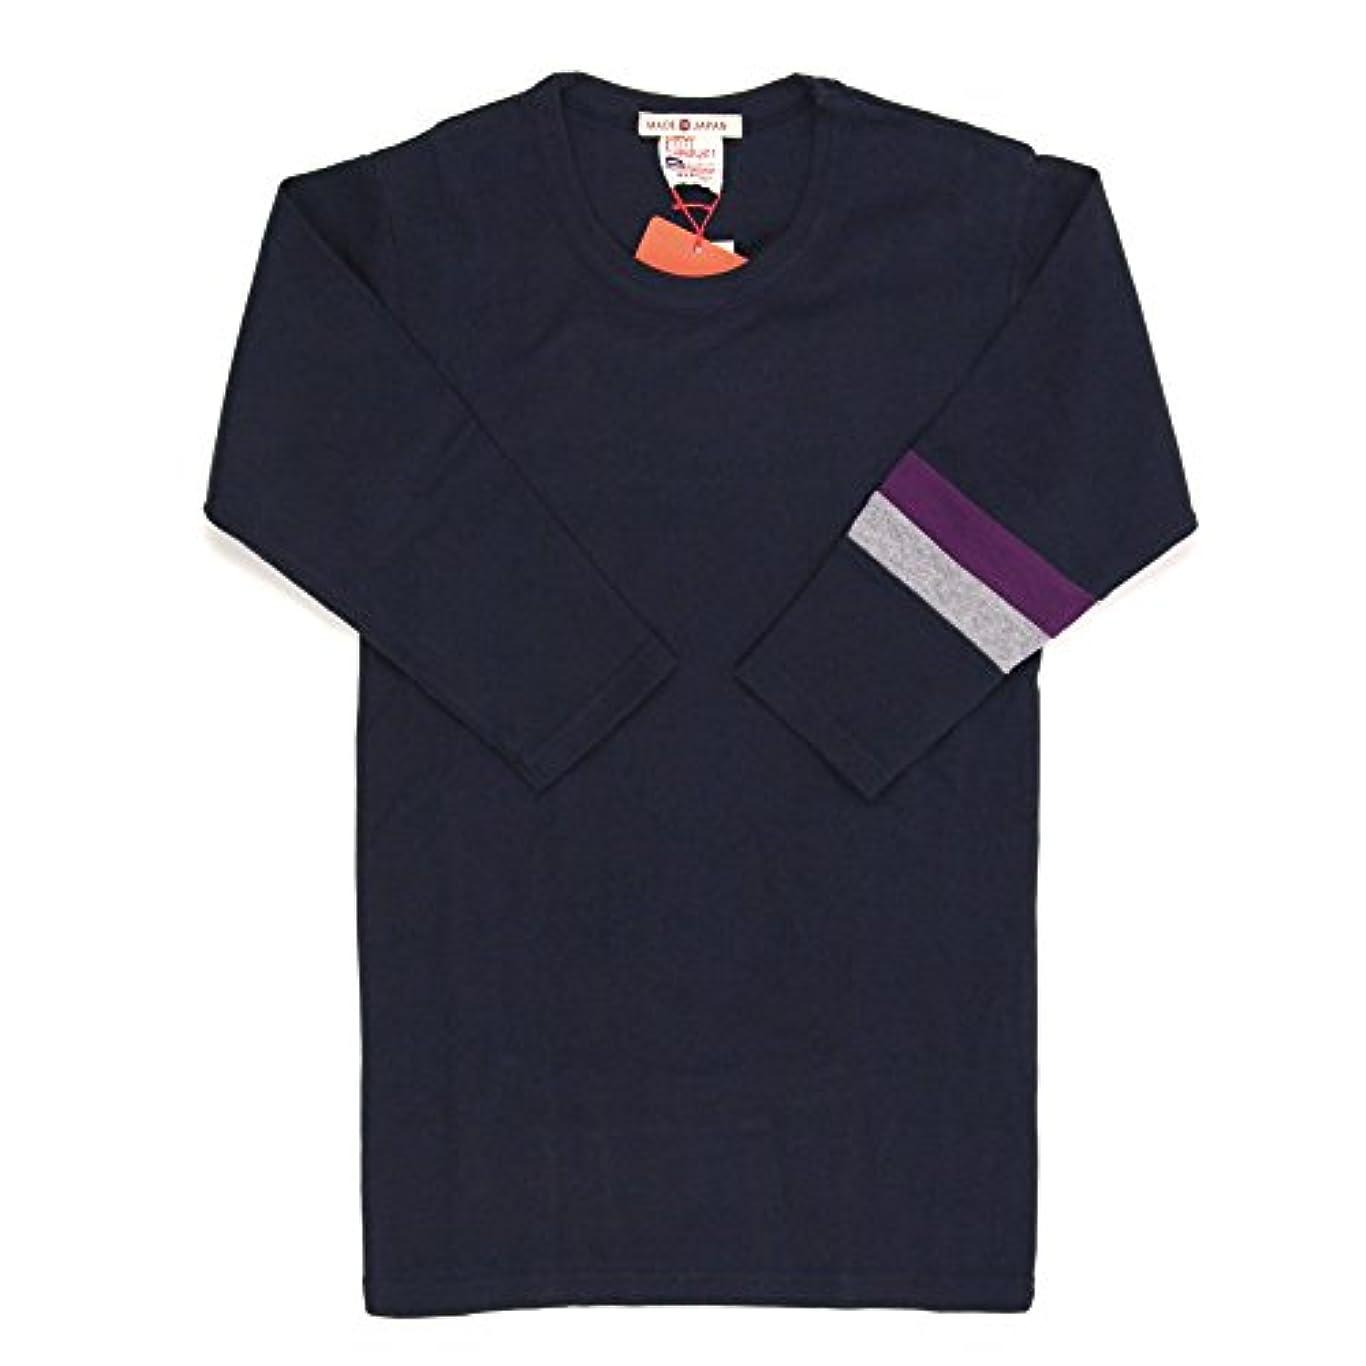 合成シンプトン盲目(クリフメイヤー) KRIFF MAYER 2トーン カラー 7分袖 クルーネック Tシャツ カットソー タイトシルエット 重ね着 KM949900